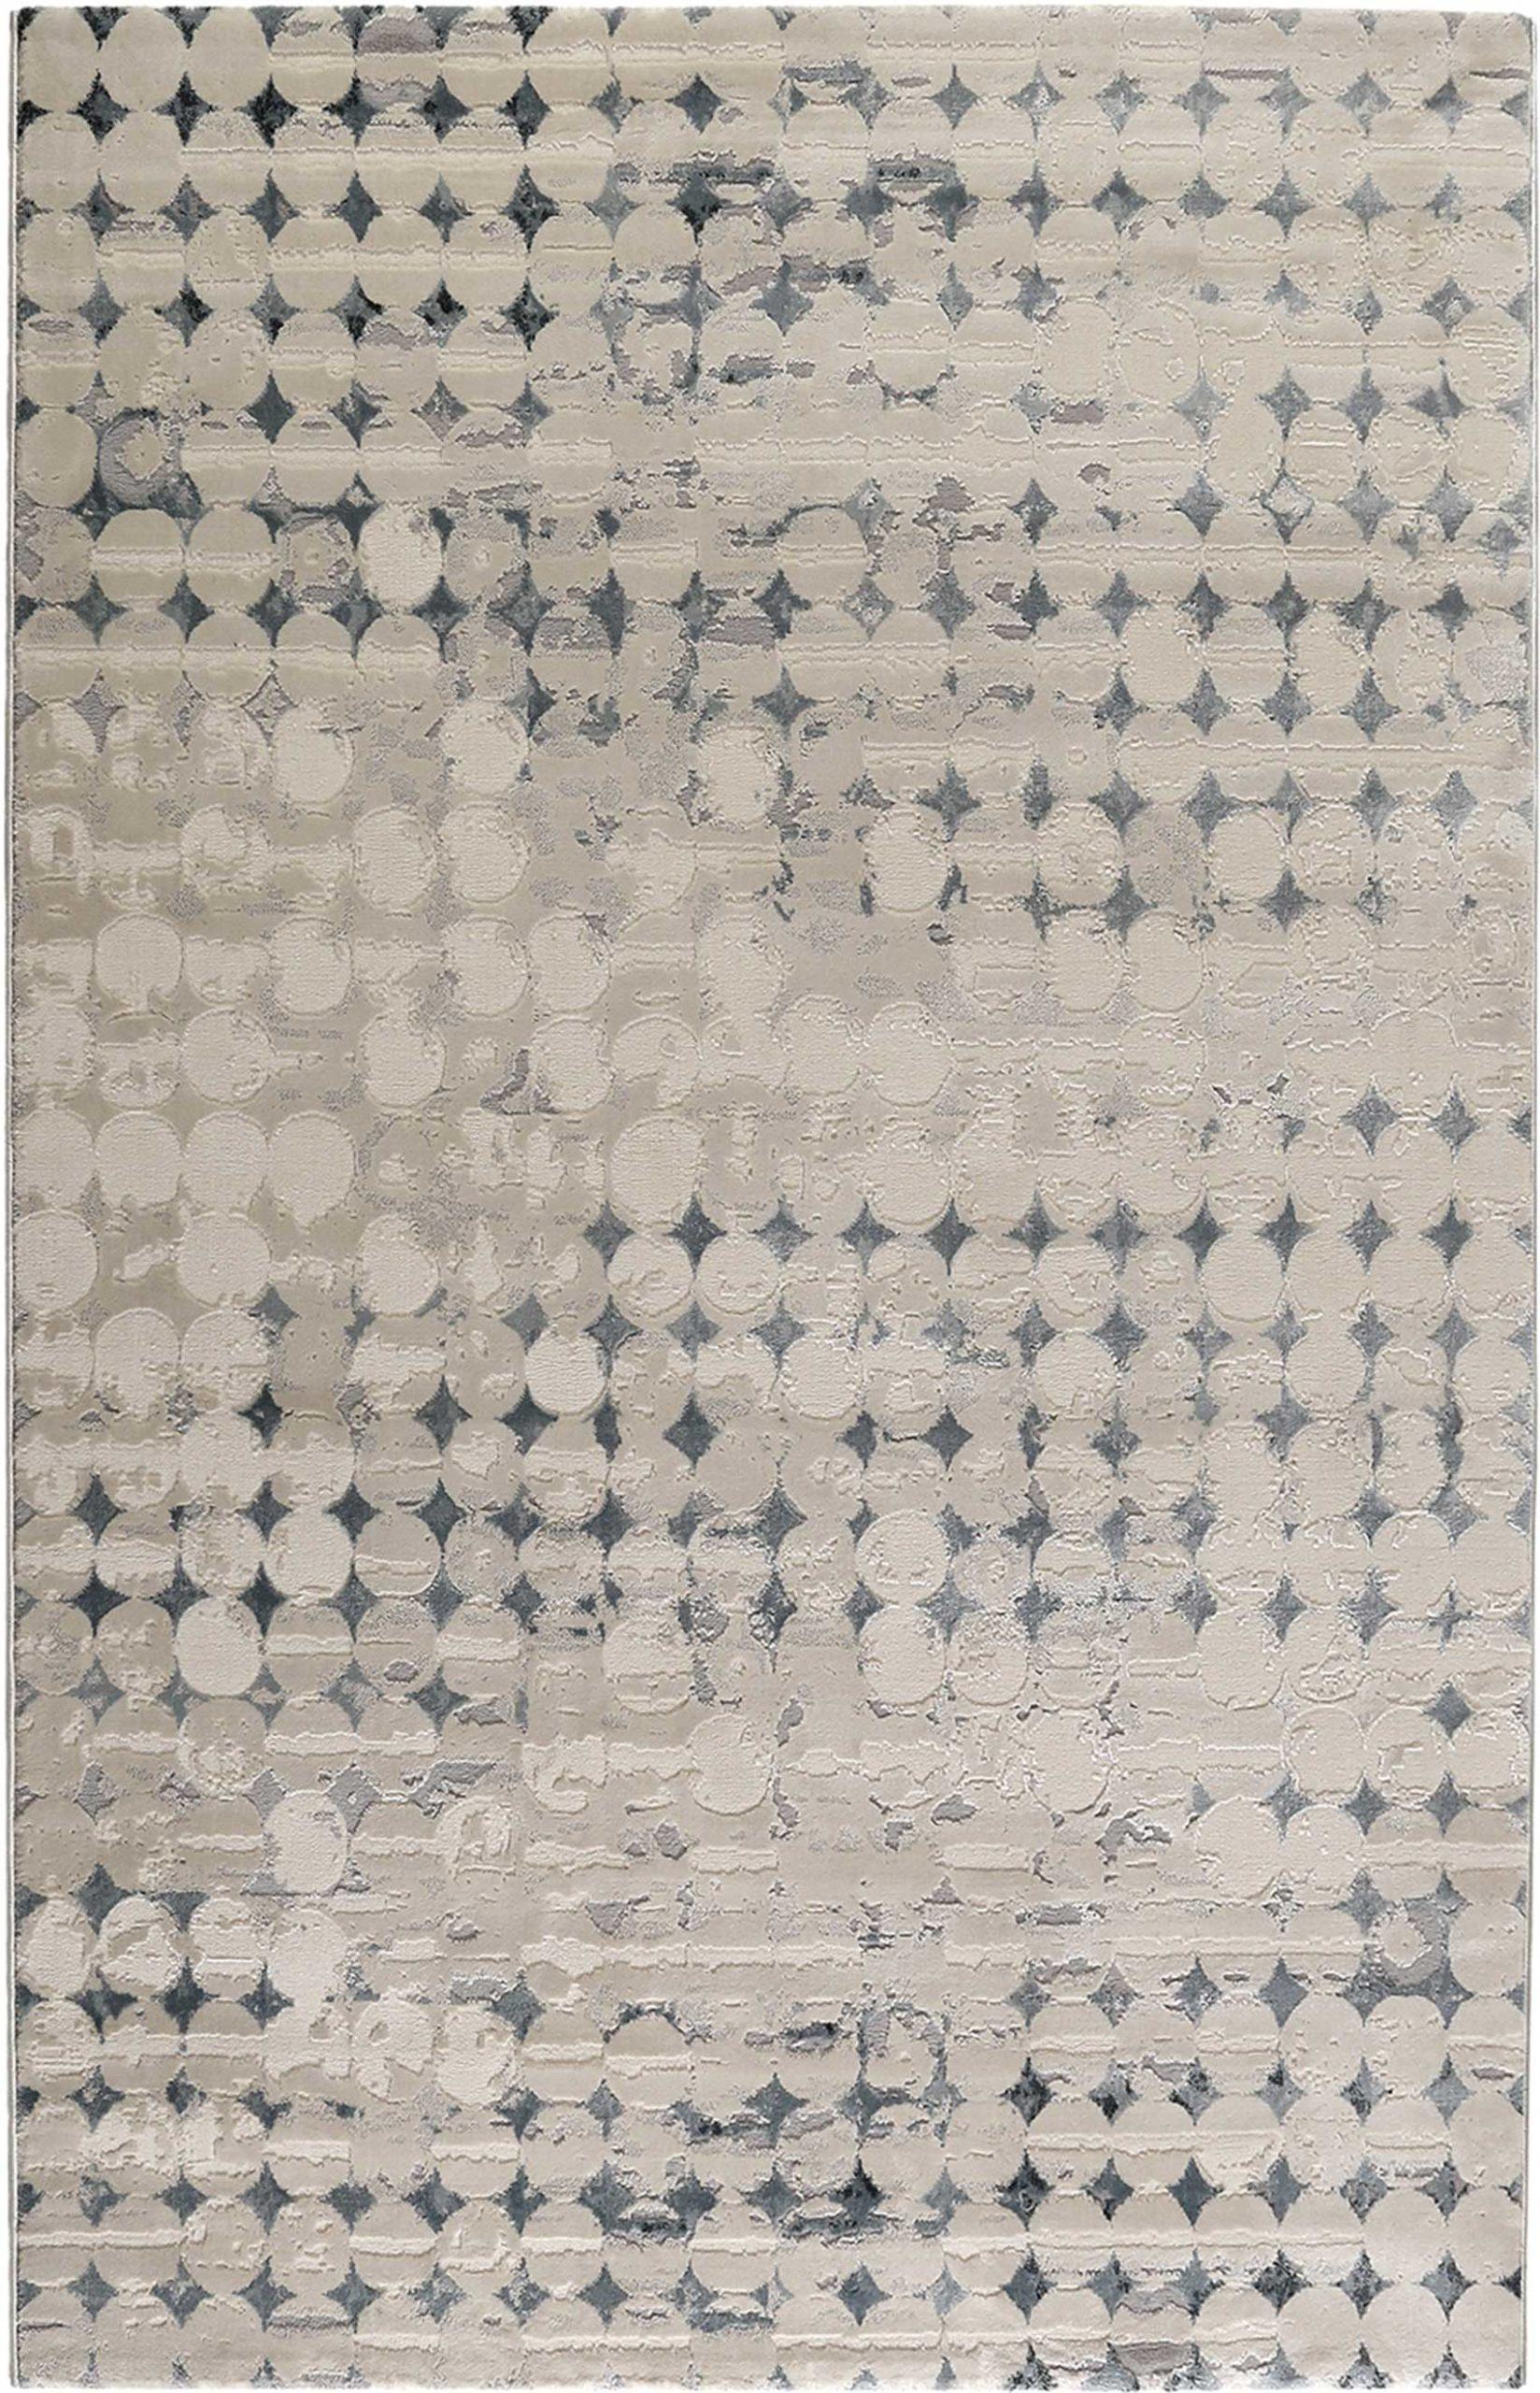 Tapis vintage relief beige/bleu pétrole pour salon, chambre 170x120